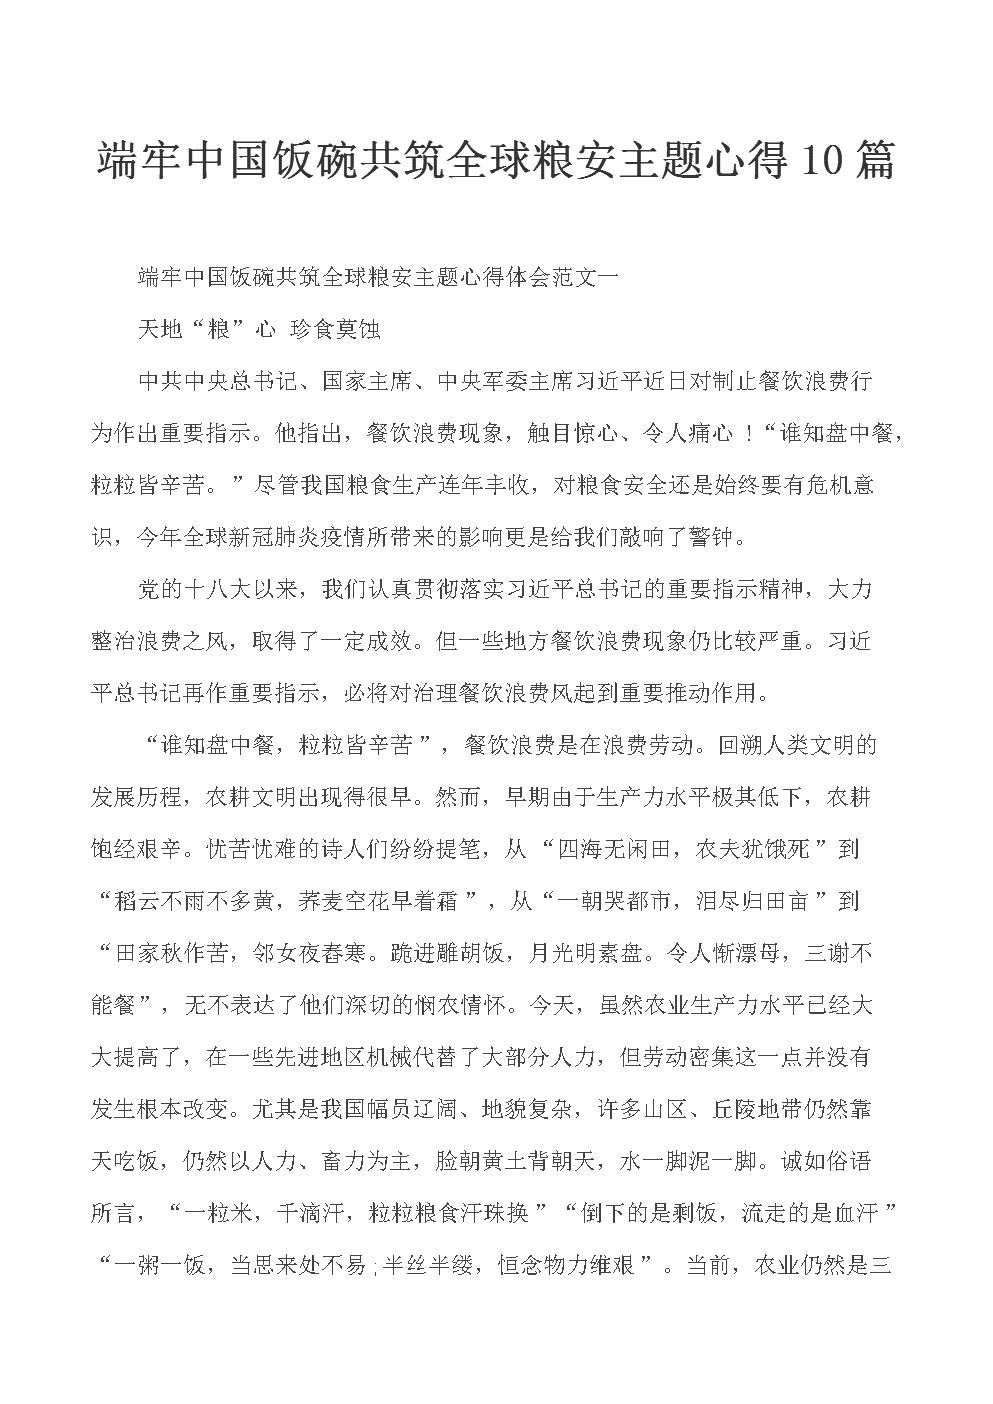 端牢中国饭碗共筑全球粮安主题心得10篇.docx